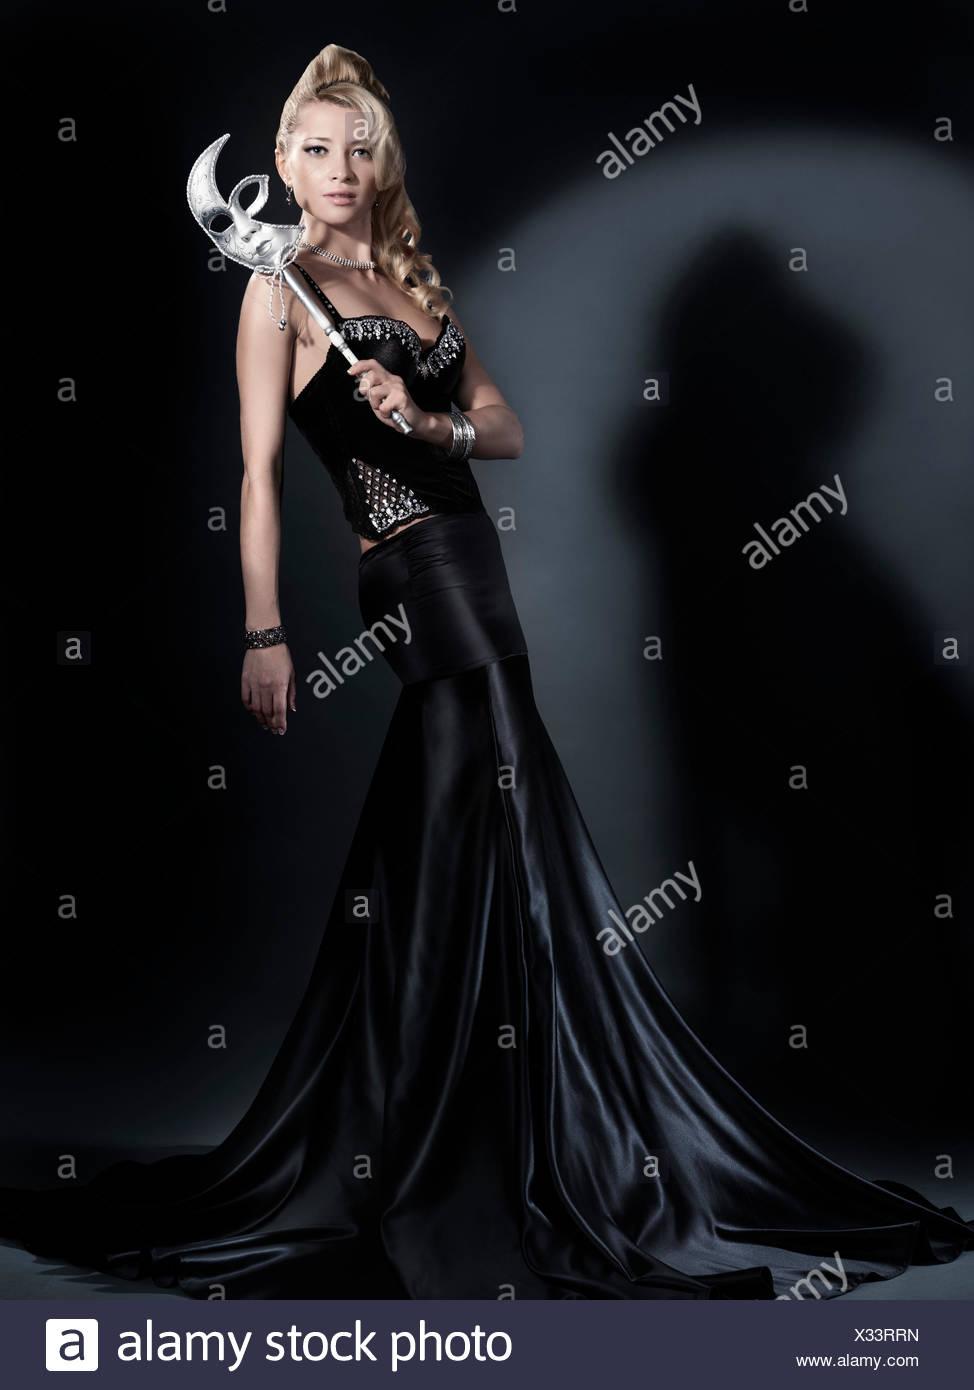 2ee57d173 Falda Elegante Imágenes De Stock & Falda Elegante Fotos De Stock - Alamy